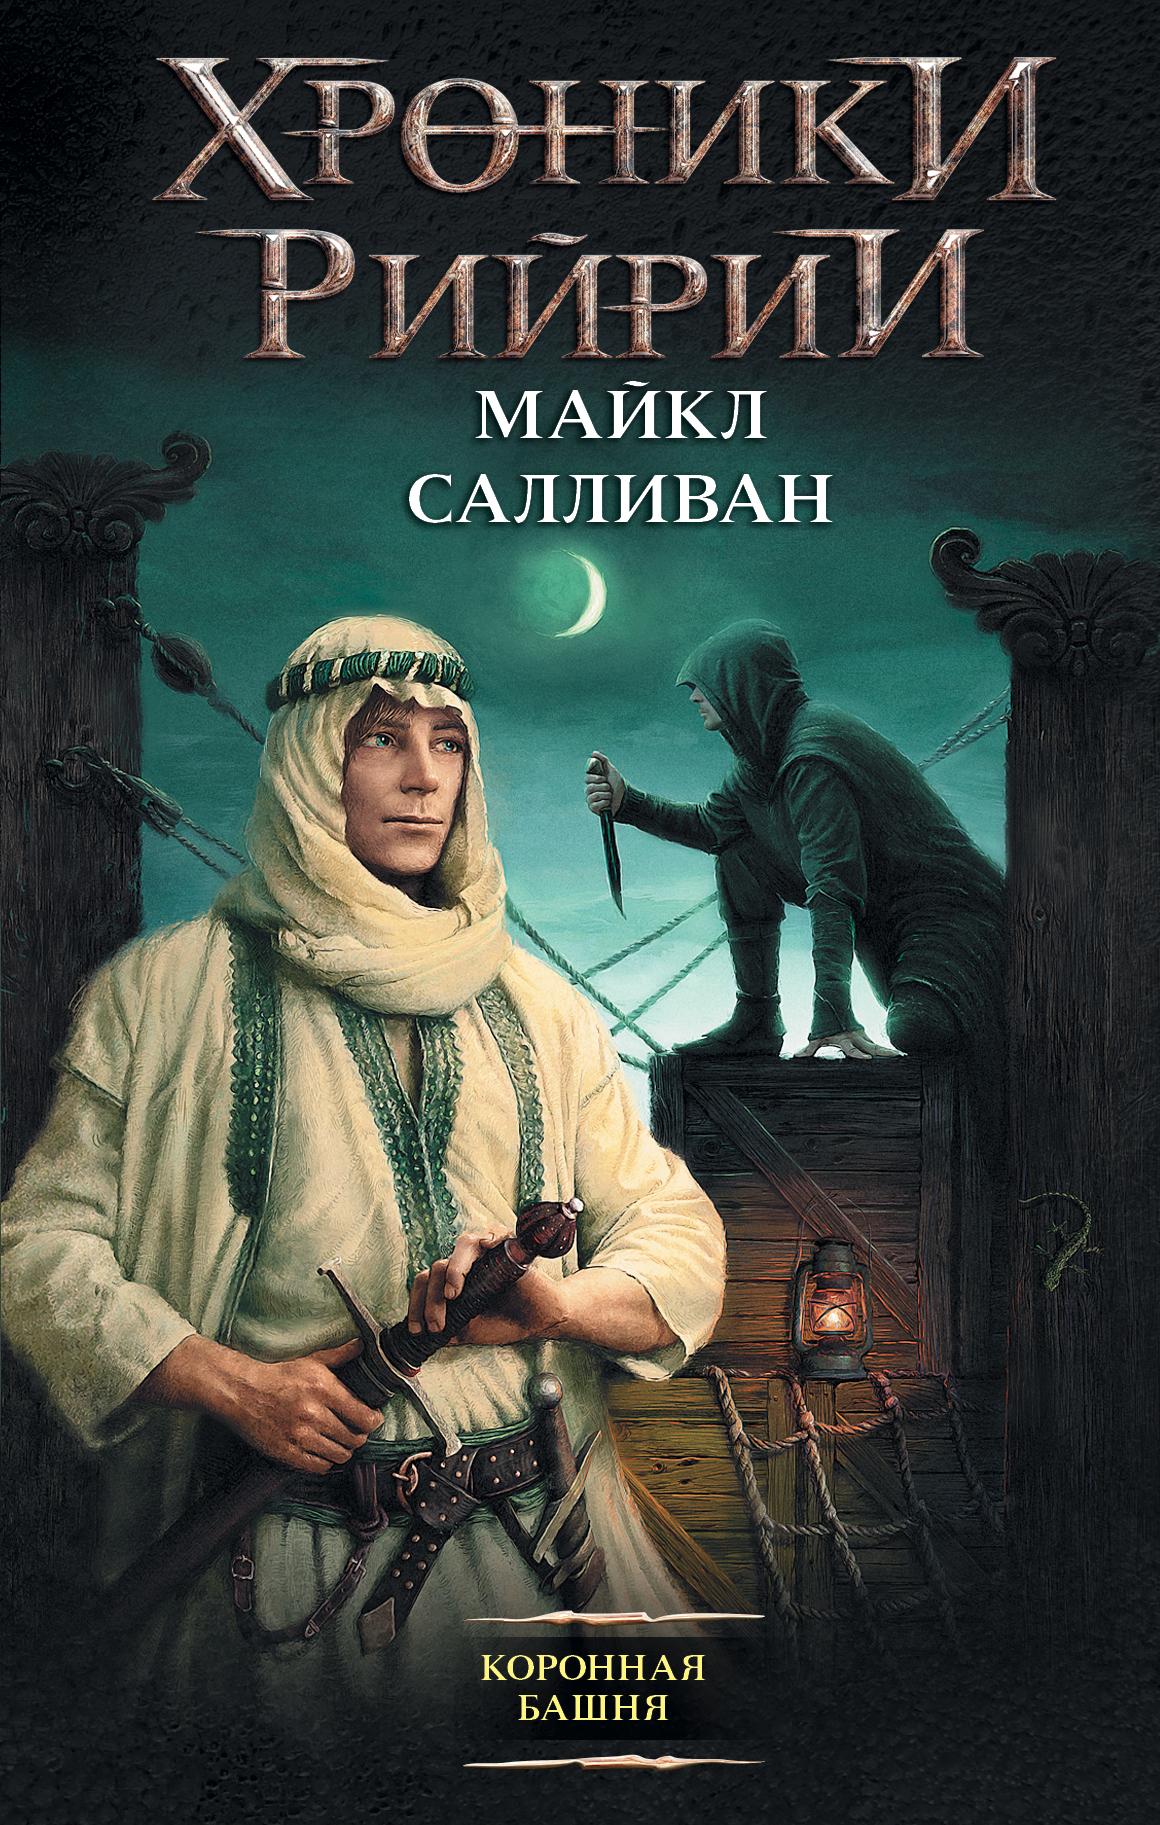 МАЙКЛ ДЖ САЛЛИВАН КНИГИ СКАЧАТЬ БЕСПЛАТНО